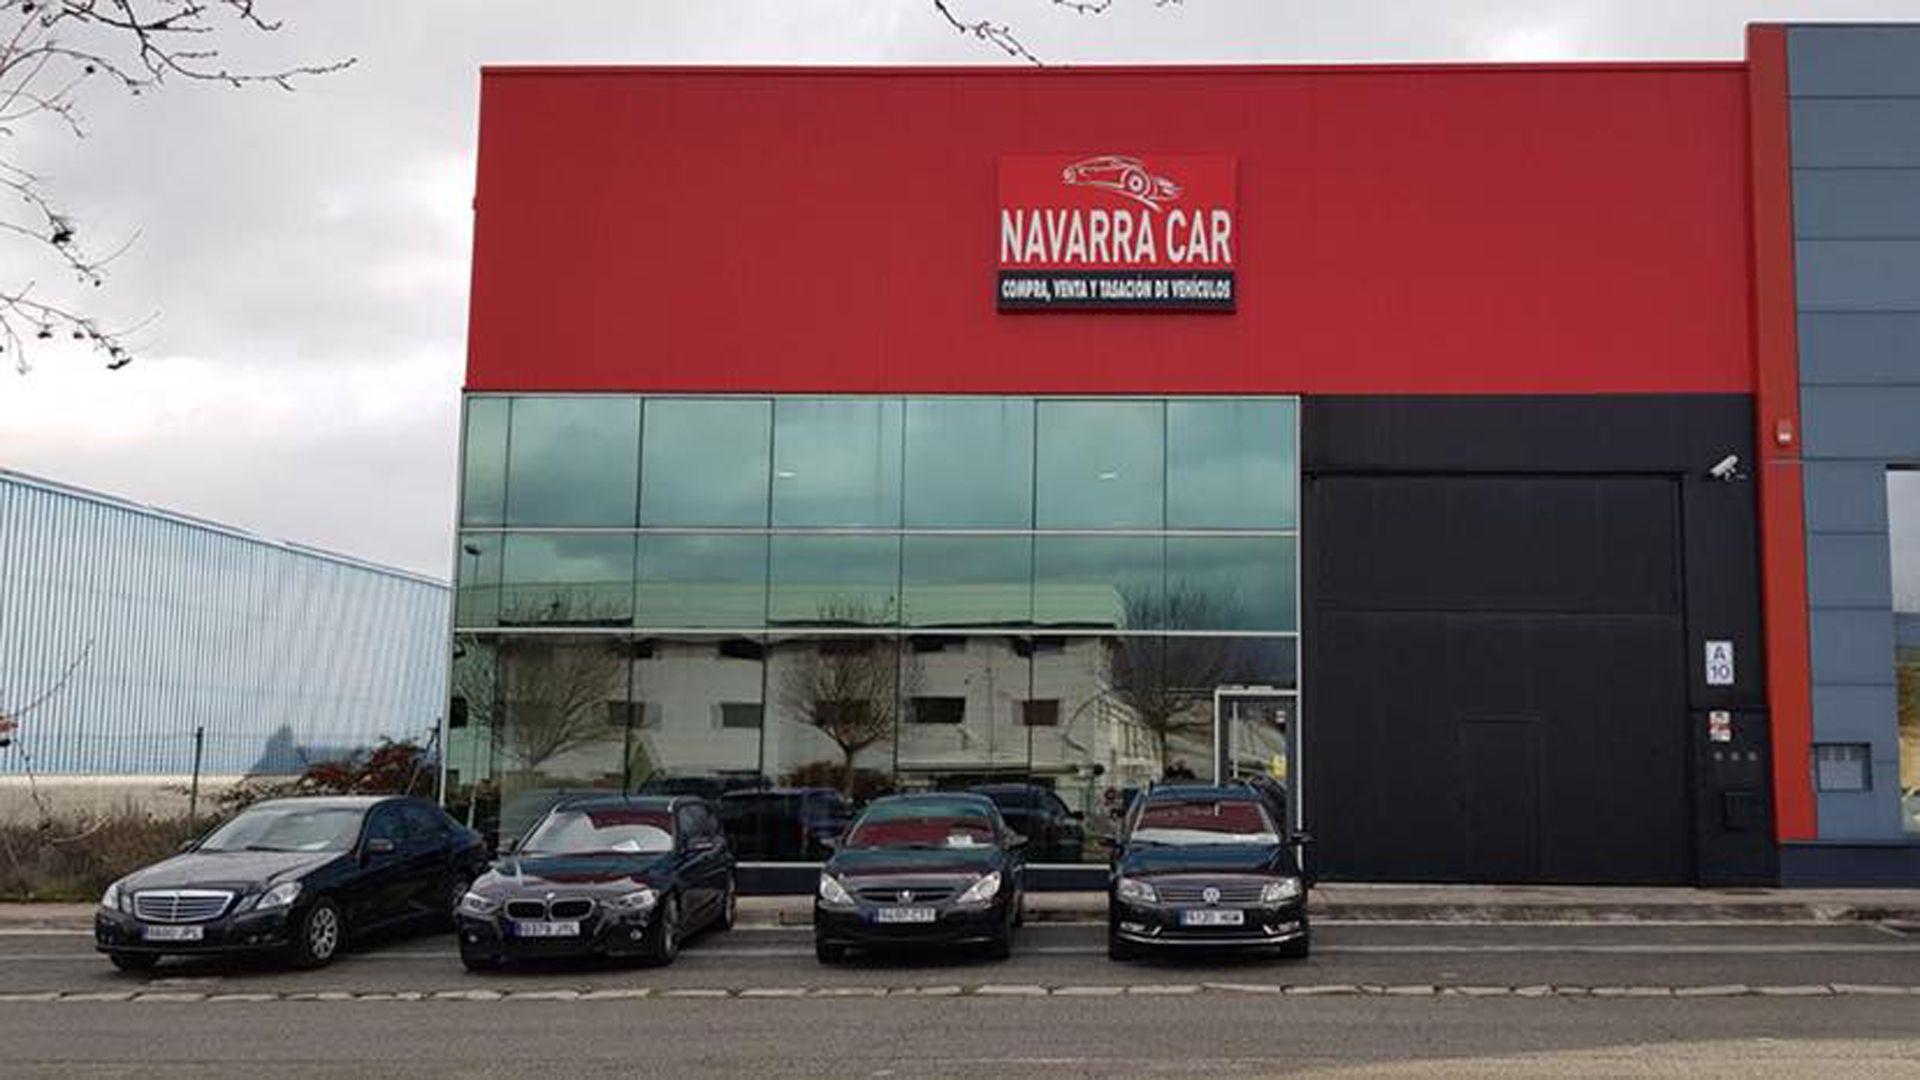 Compra, venta y tasación de vehículos en Navarra